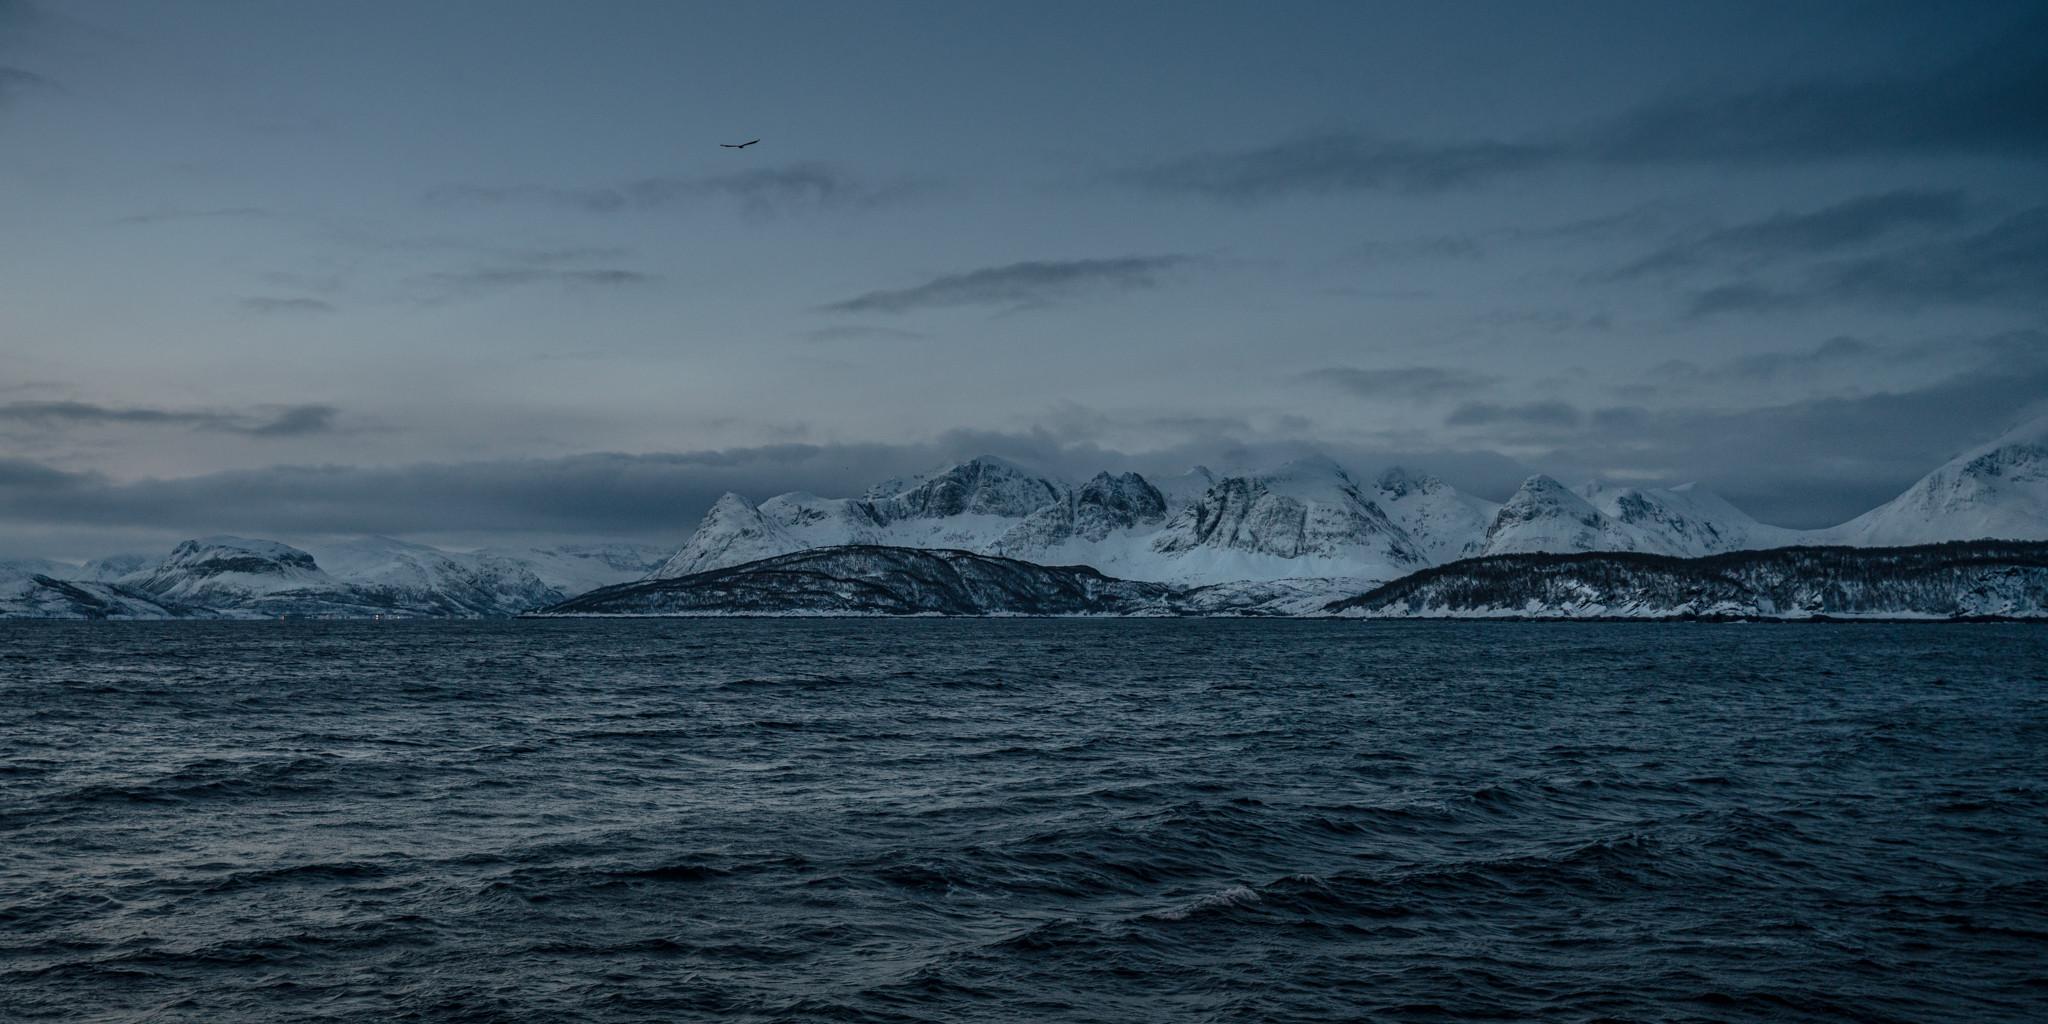 les montagnes enneigées dans les fjords du nord de la Norvège